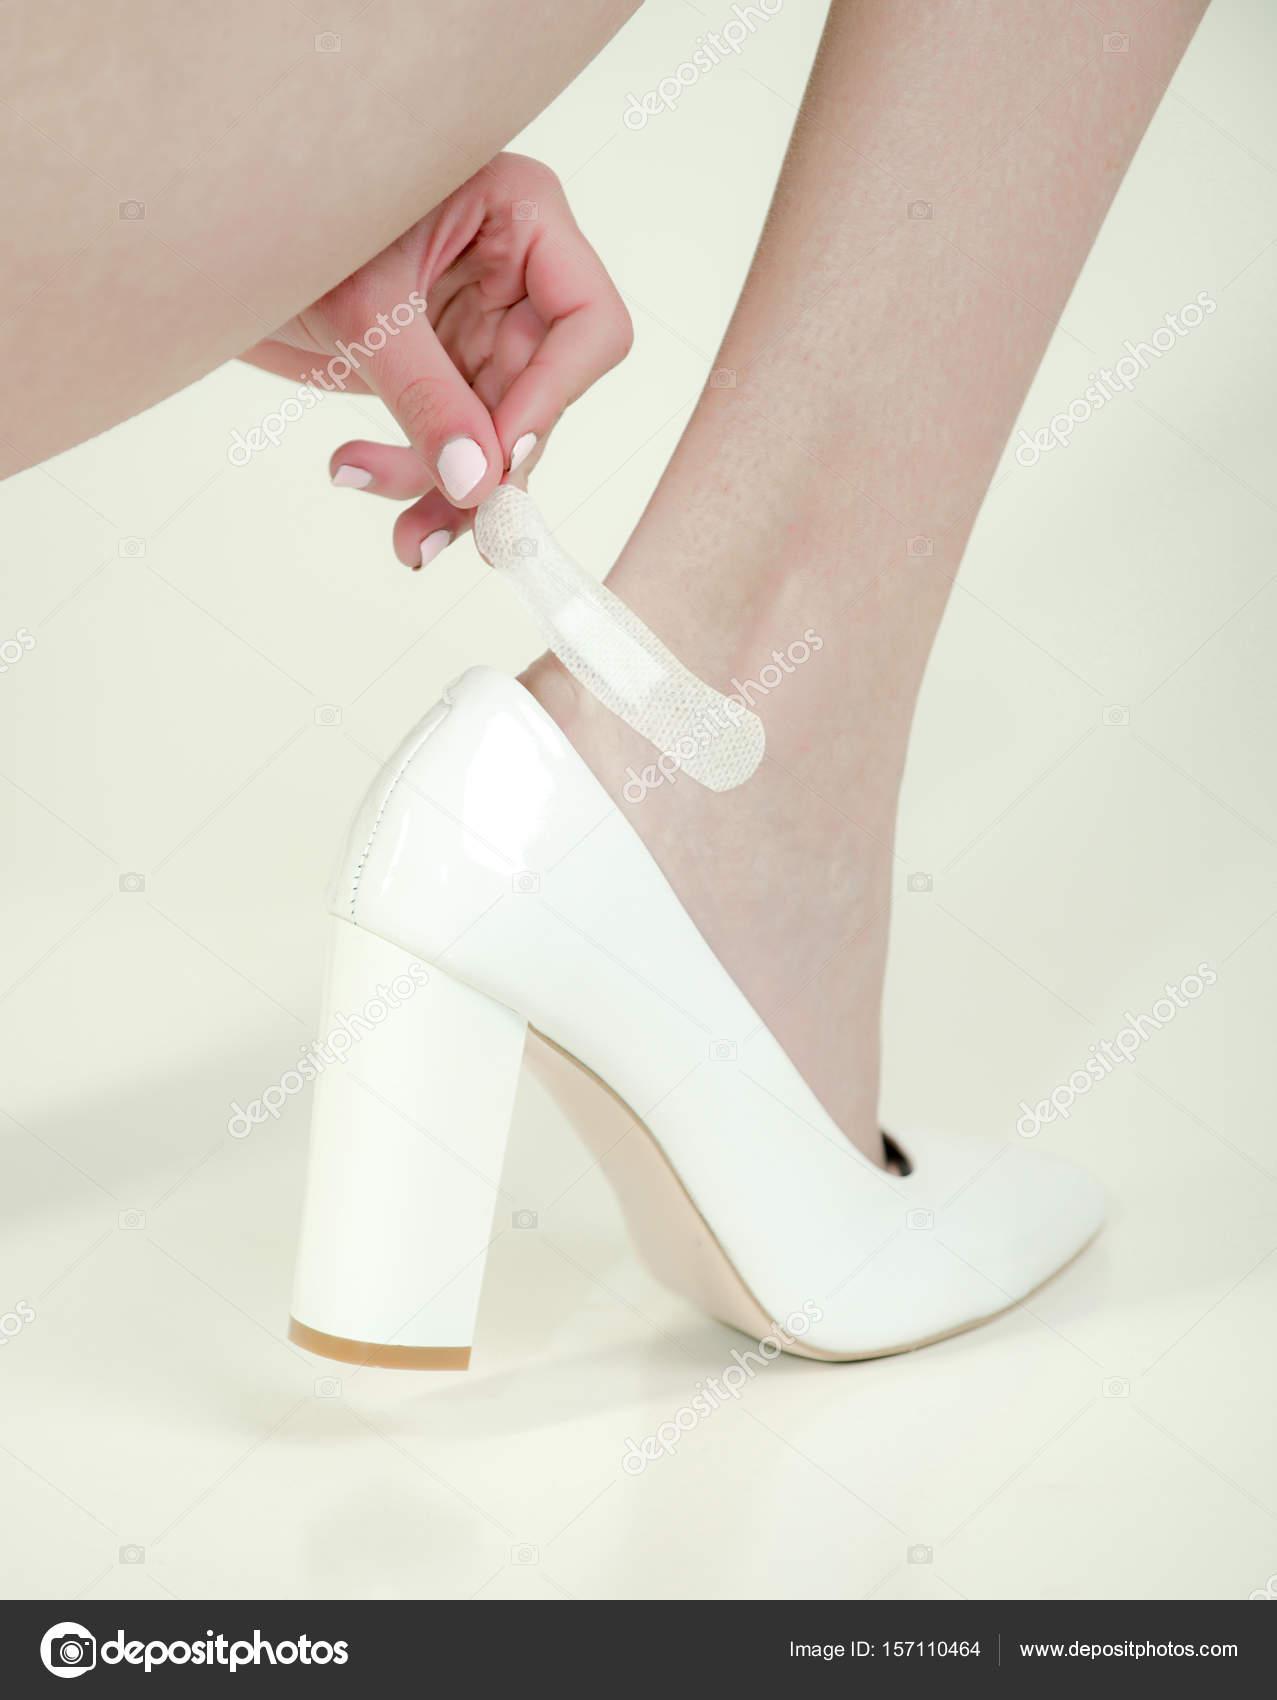 Stockfoto Schuhe Mit In Bein Pflaster Mädchen Wunde Modische Am — wkiuOZTPX